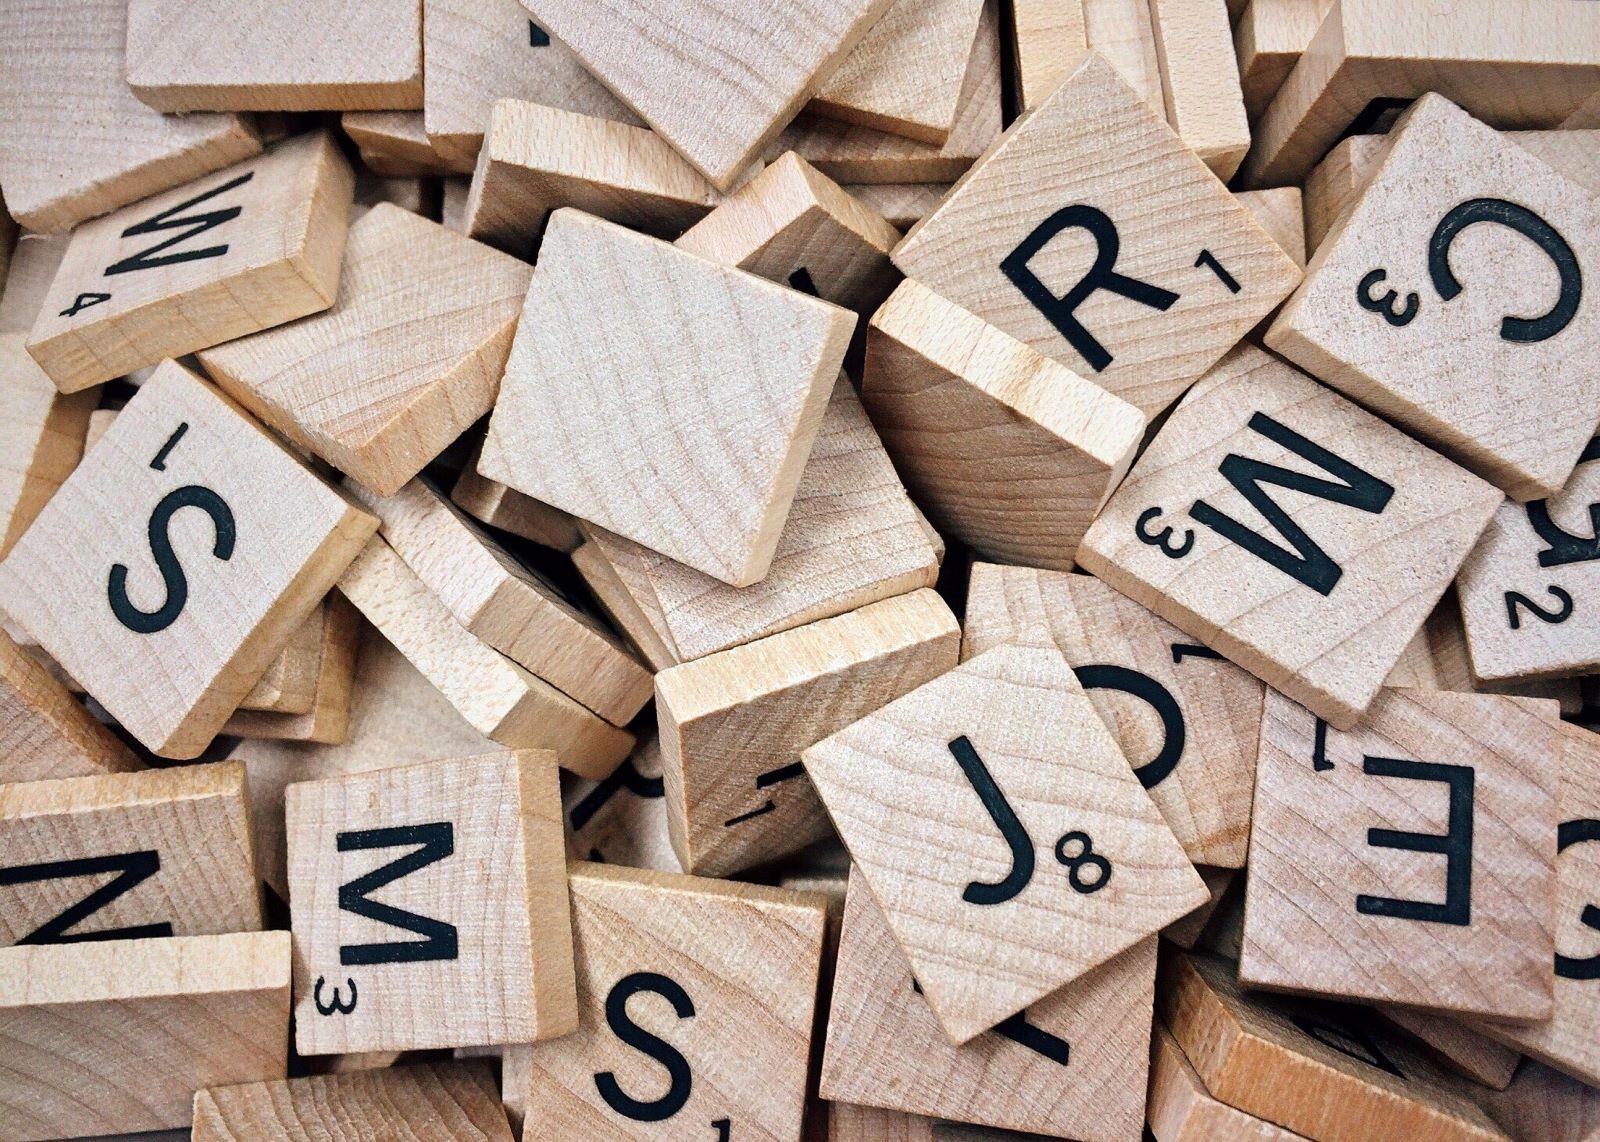 De-mooiste-woorden-ter-wereld-en-waarom-ze-belangrijk-zijn-voor-bedrijven-Motionmill-Antwerpen